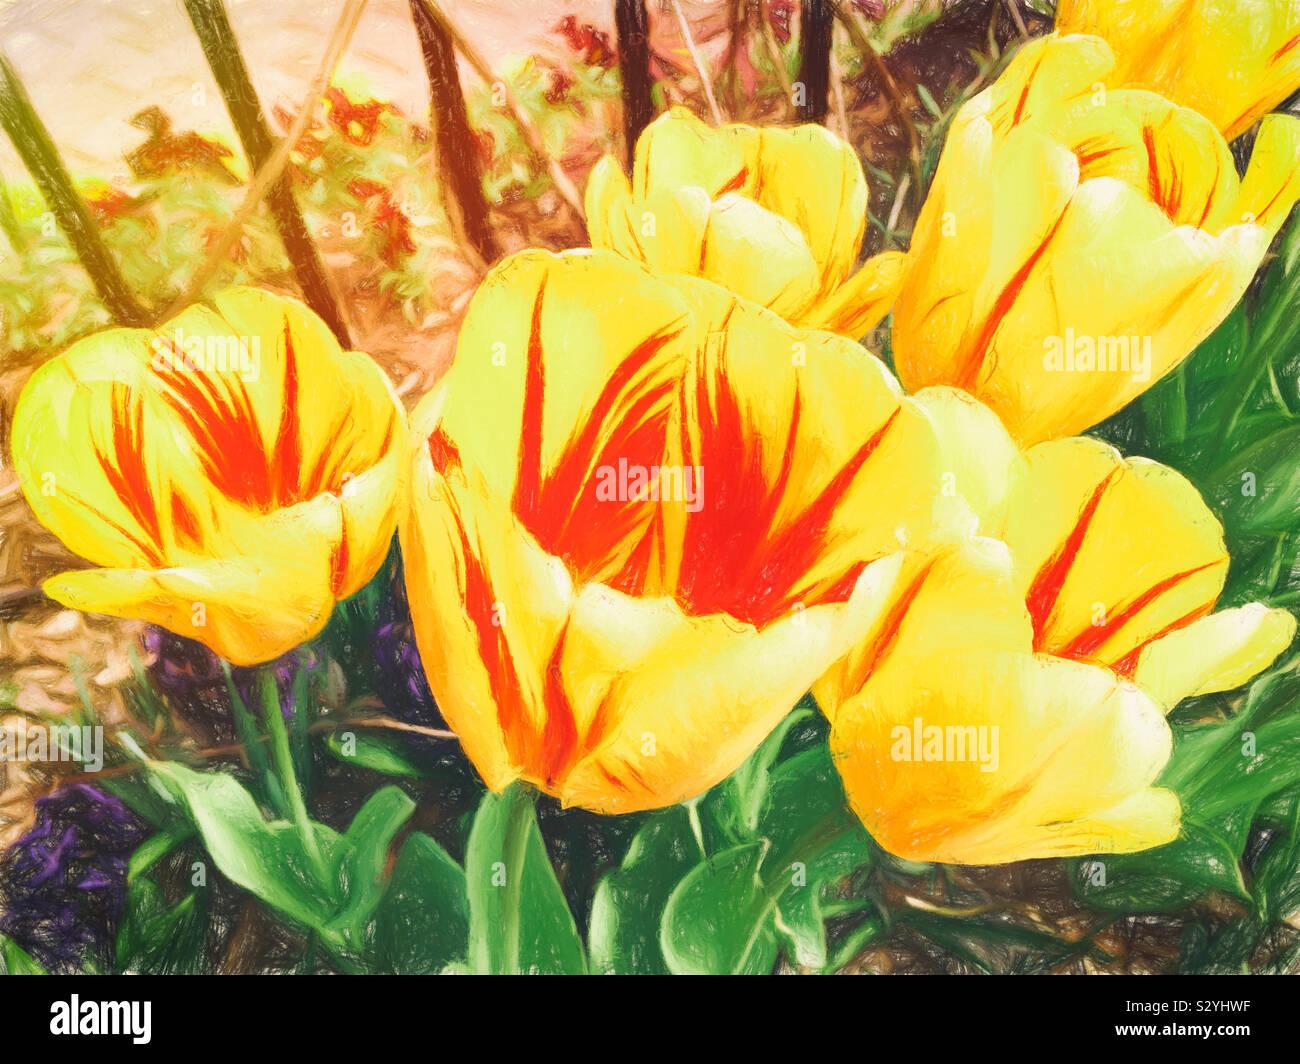 Colorato in giallo pappagallo tulipani con strisce rosse in ogni centro che crescono in un giardino esterno. Questa immagine ha una texture pittorica di effetto. Foto Stock